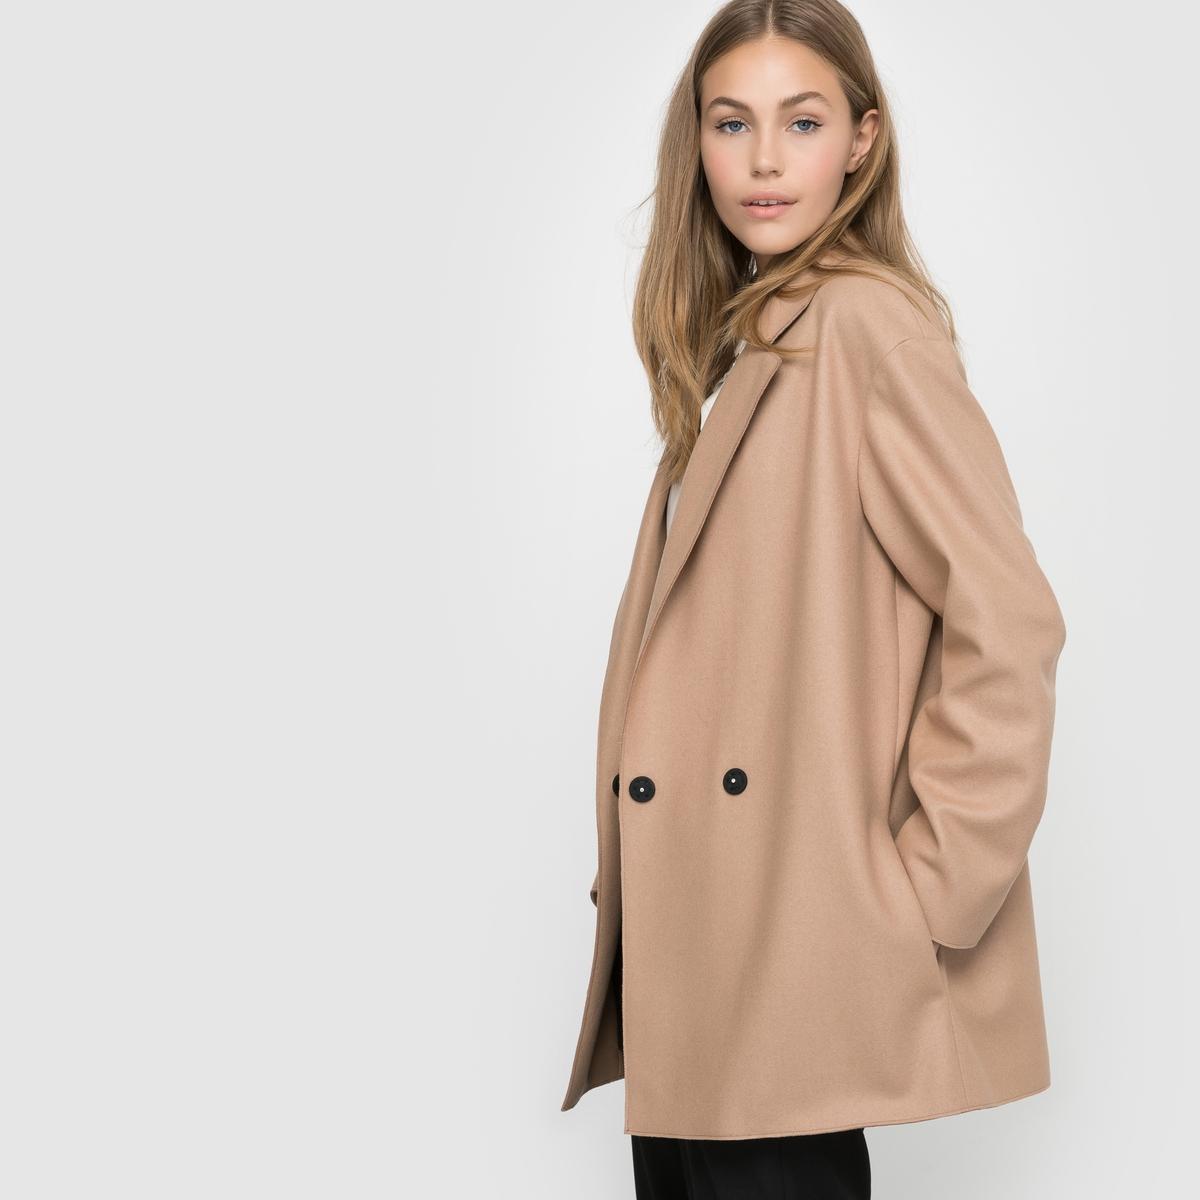 Пальто шерстяноеСостав и описание : Материал : 75% шерсти, 20% полиамида, 5% кашемира.Марка : French ConnectionЗастежка : на пуговицы .<br><br>Цвет: темно-бежевый<br>Размер: 40 (FR) - 46 (RUS)